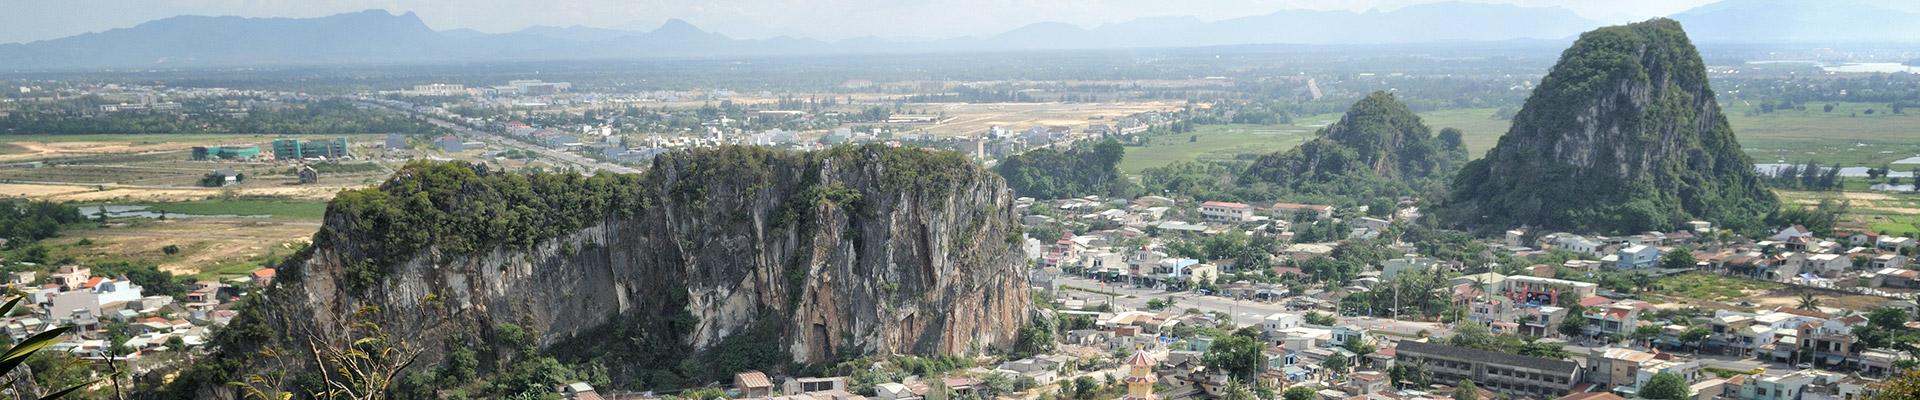 Top image Montagnes de Marbre de Da Nang, Vietnam